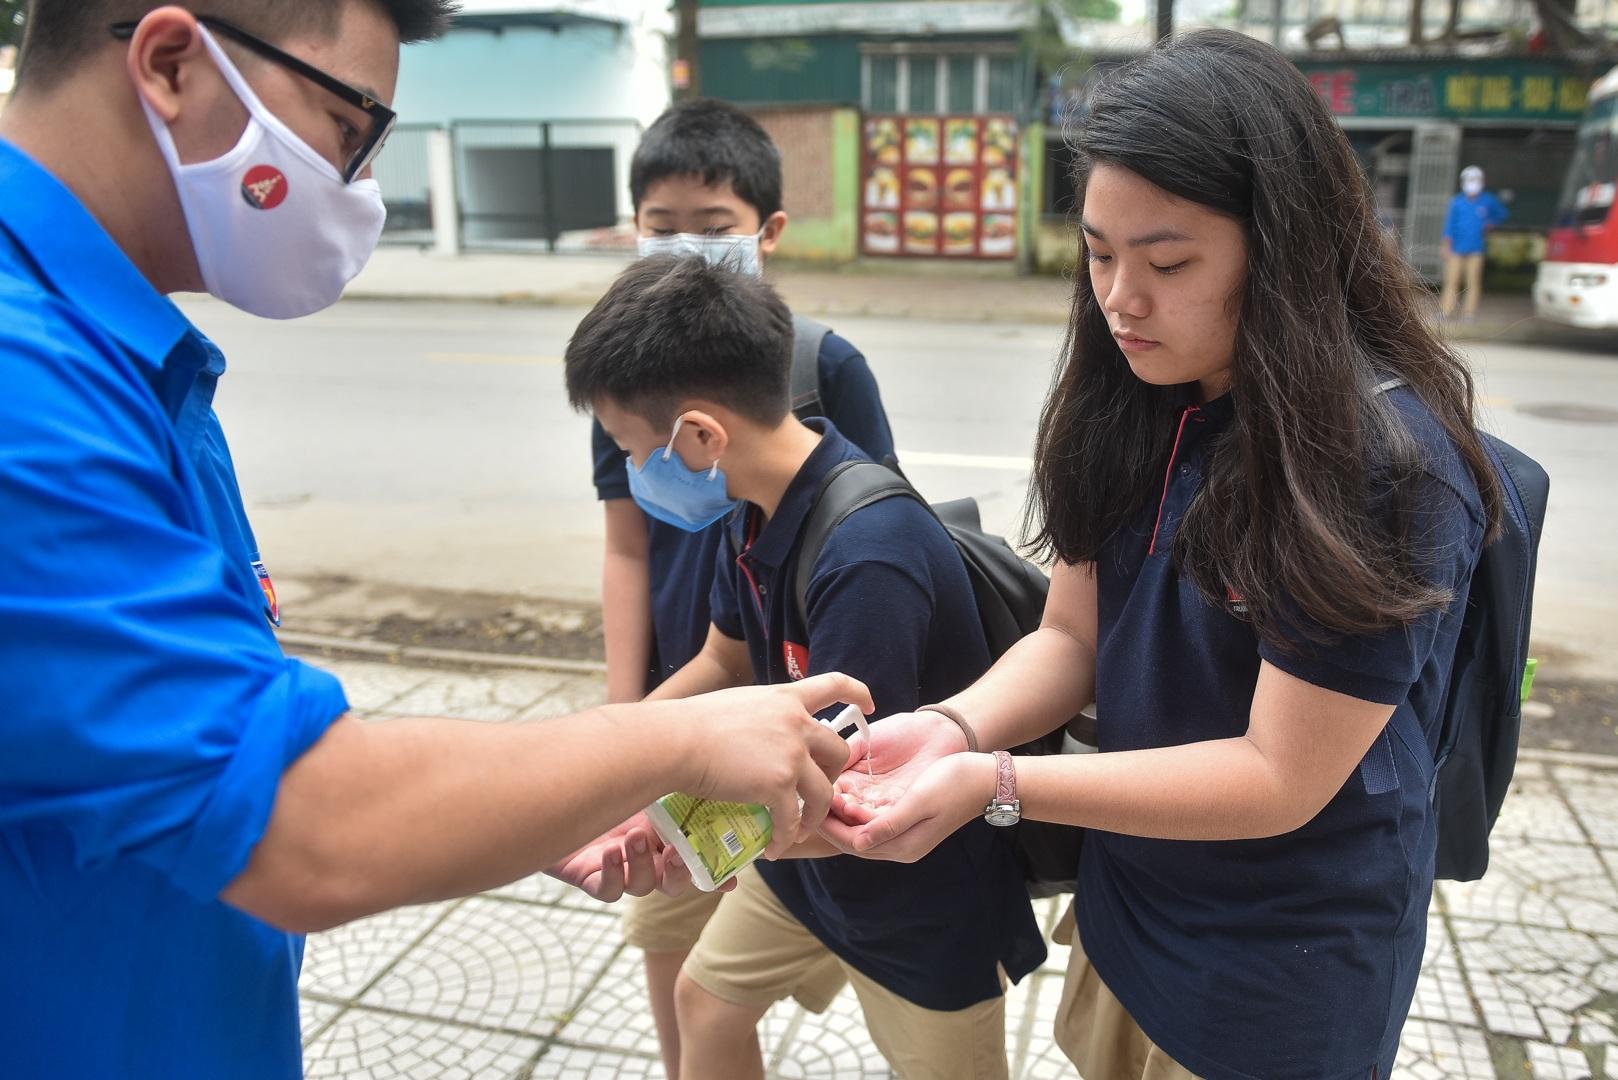 Tiết học đầu tiên giàu cảm xúc của học sinh Hà Nội sau 3 tháng nghỉ dịch - 17